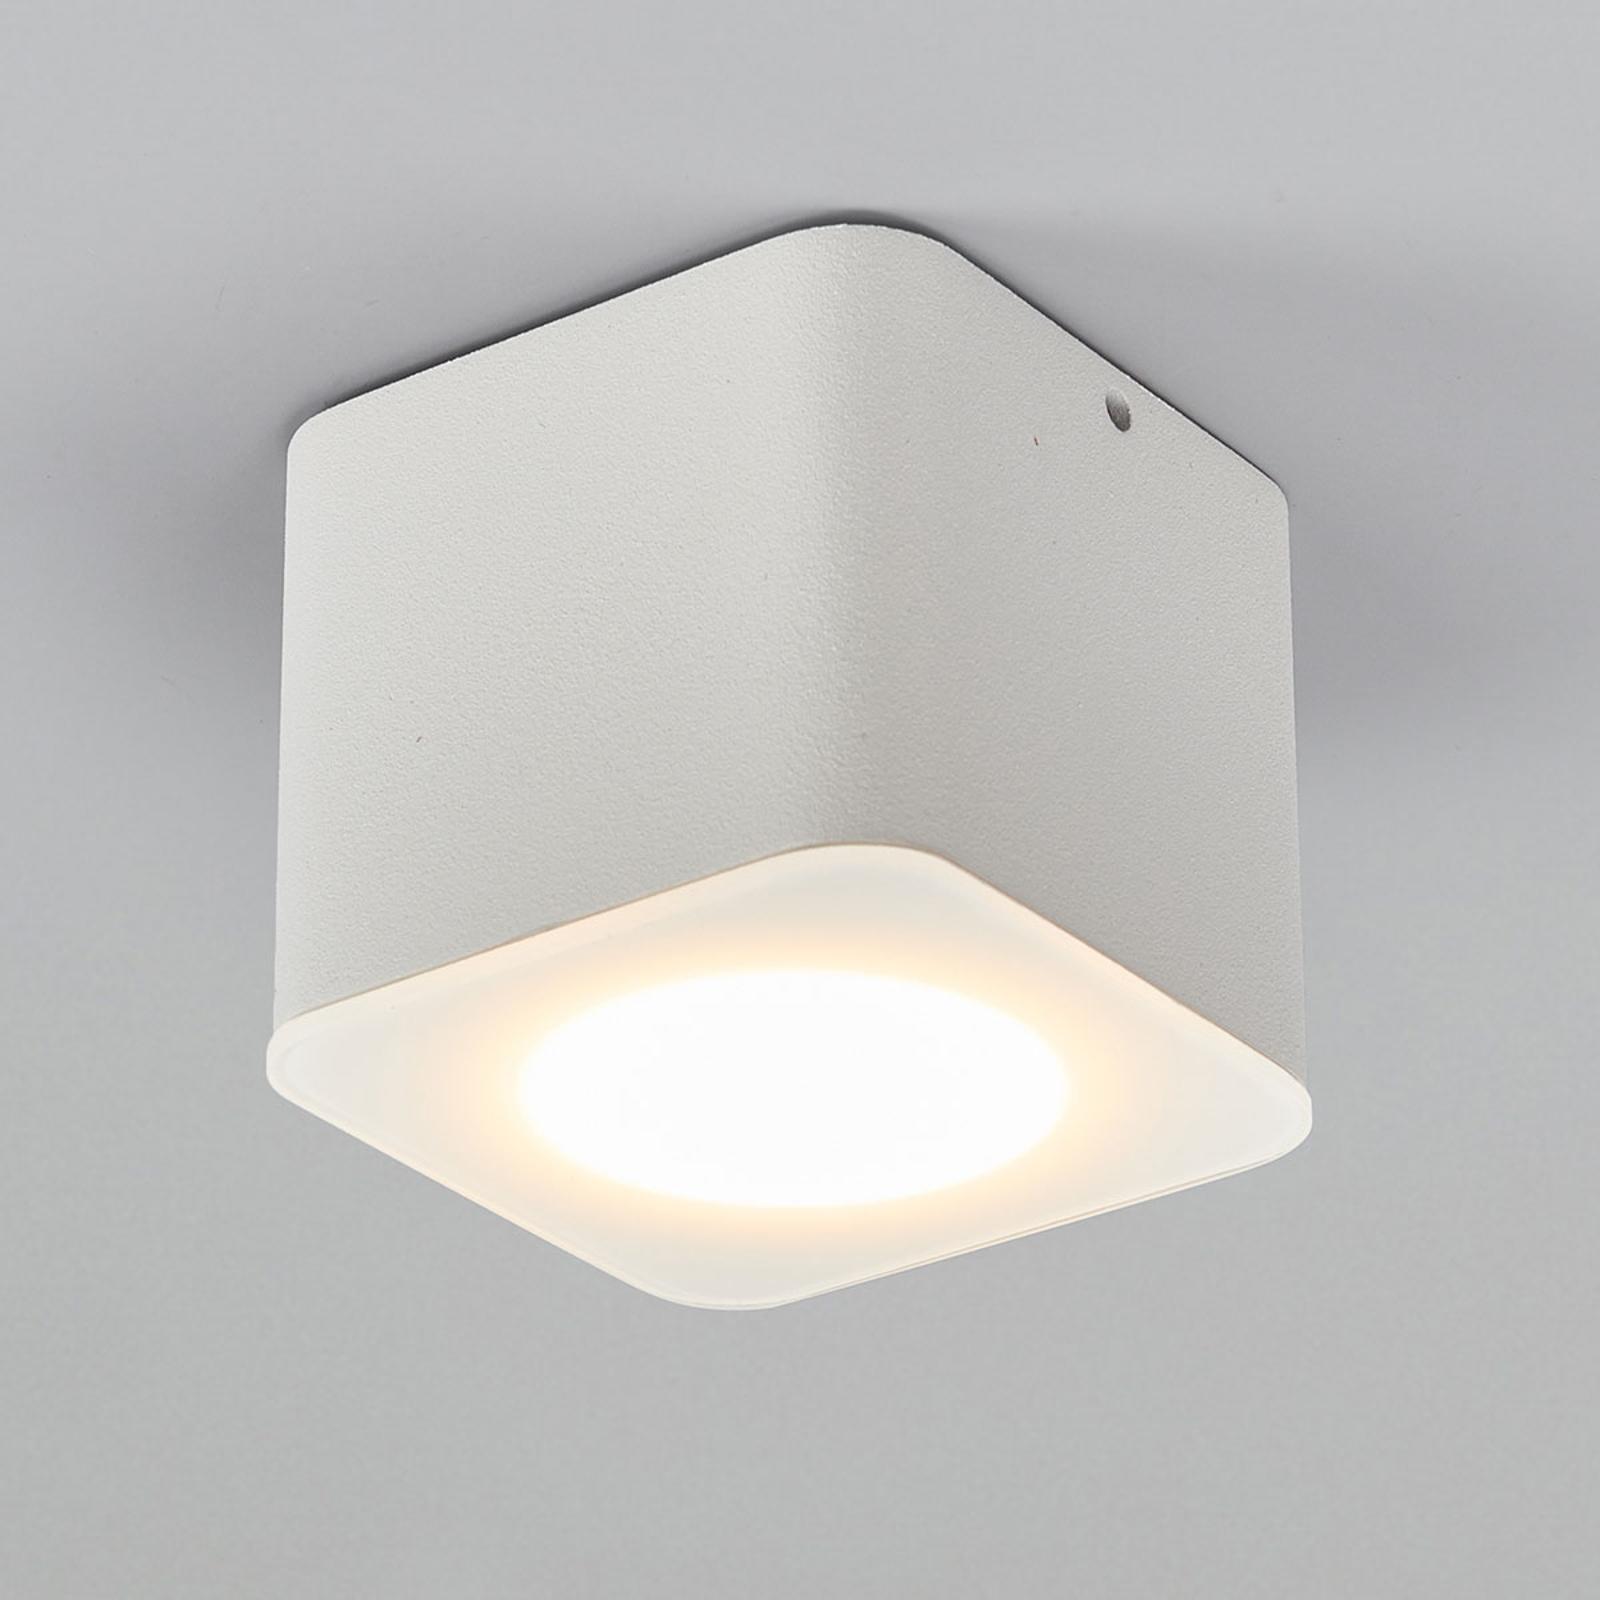 Helestra Oso LED ceiling spot, angular, matt white_4516444_1